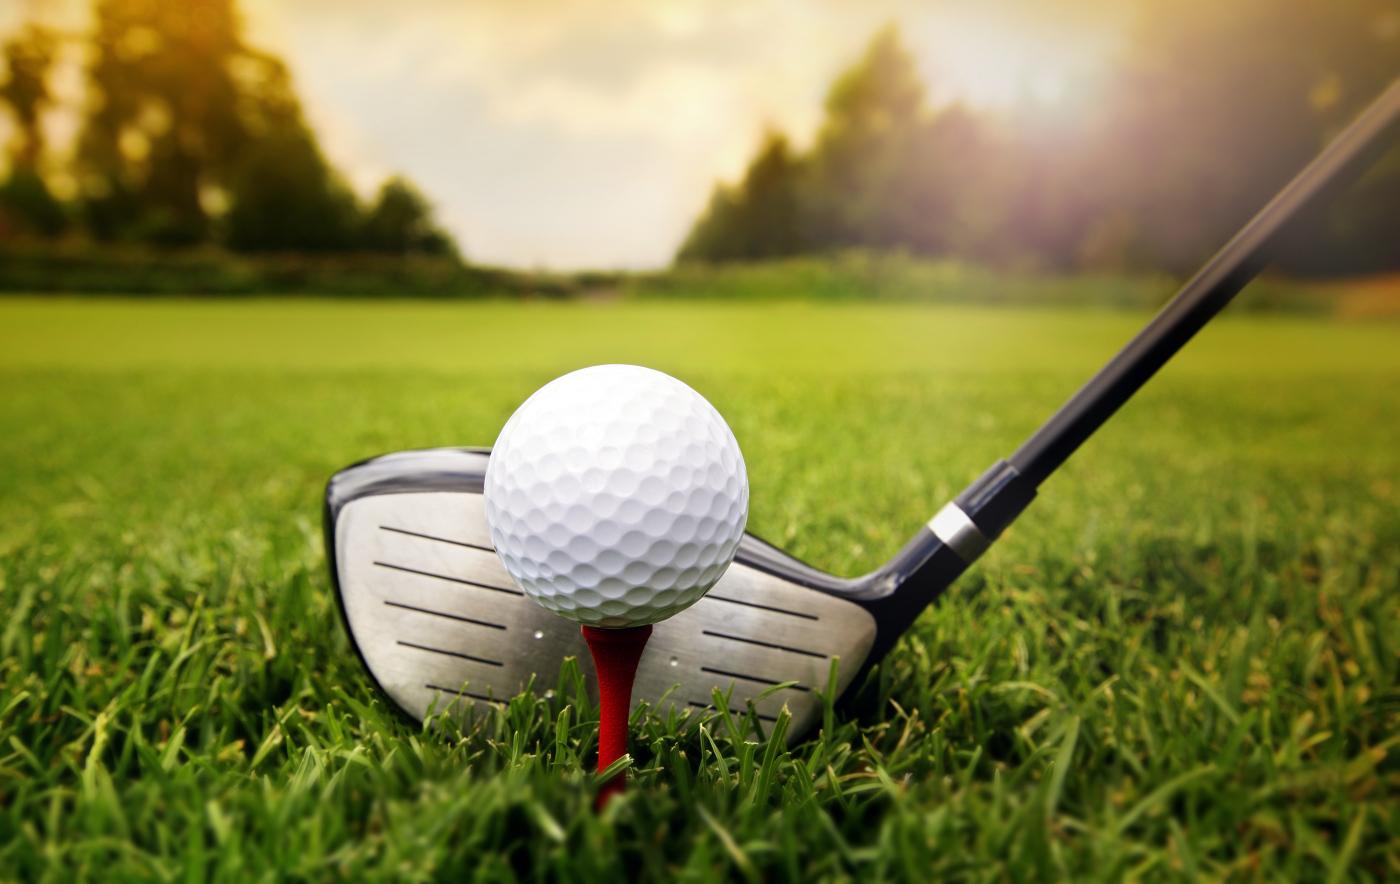 Je golfová hra vaša vášeň?